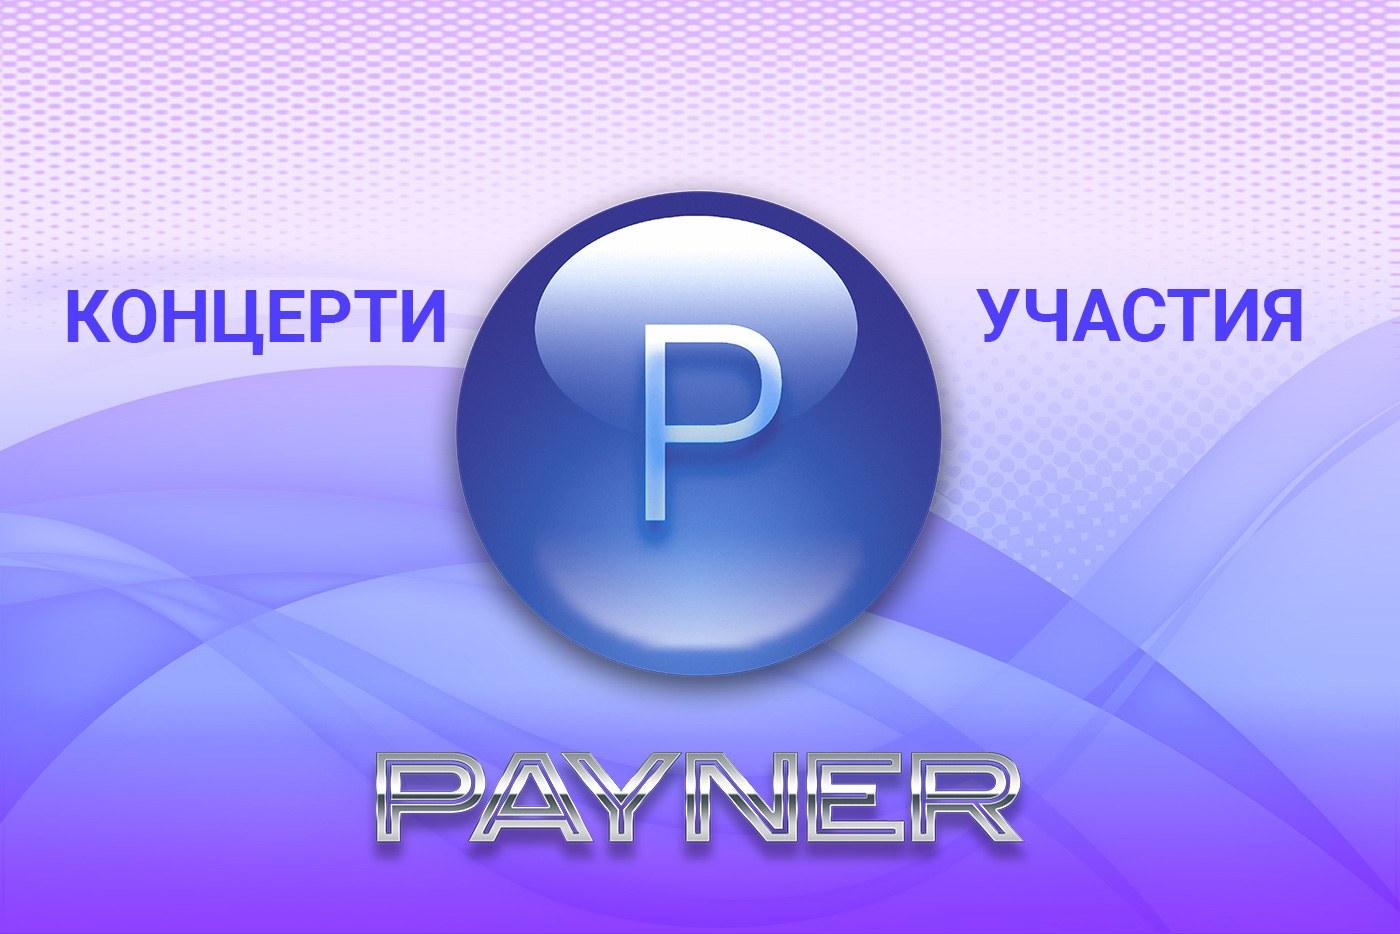 """Участия на звездите на """"Пайнер"""" на 19.12.2018"""